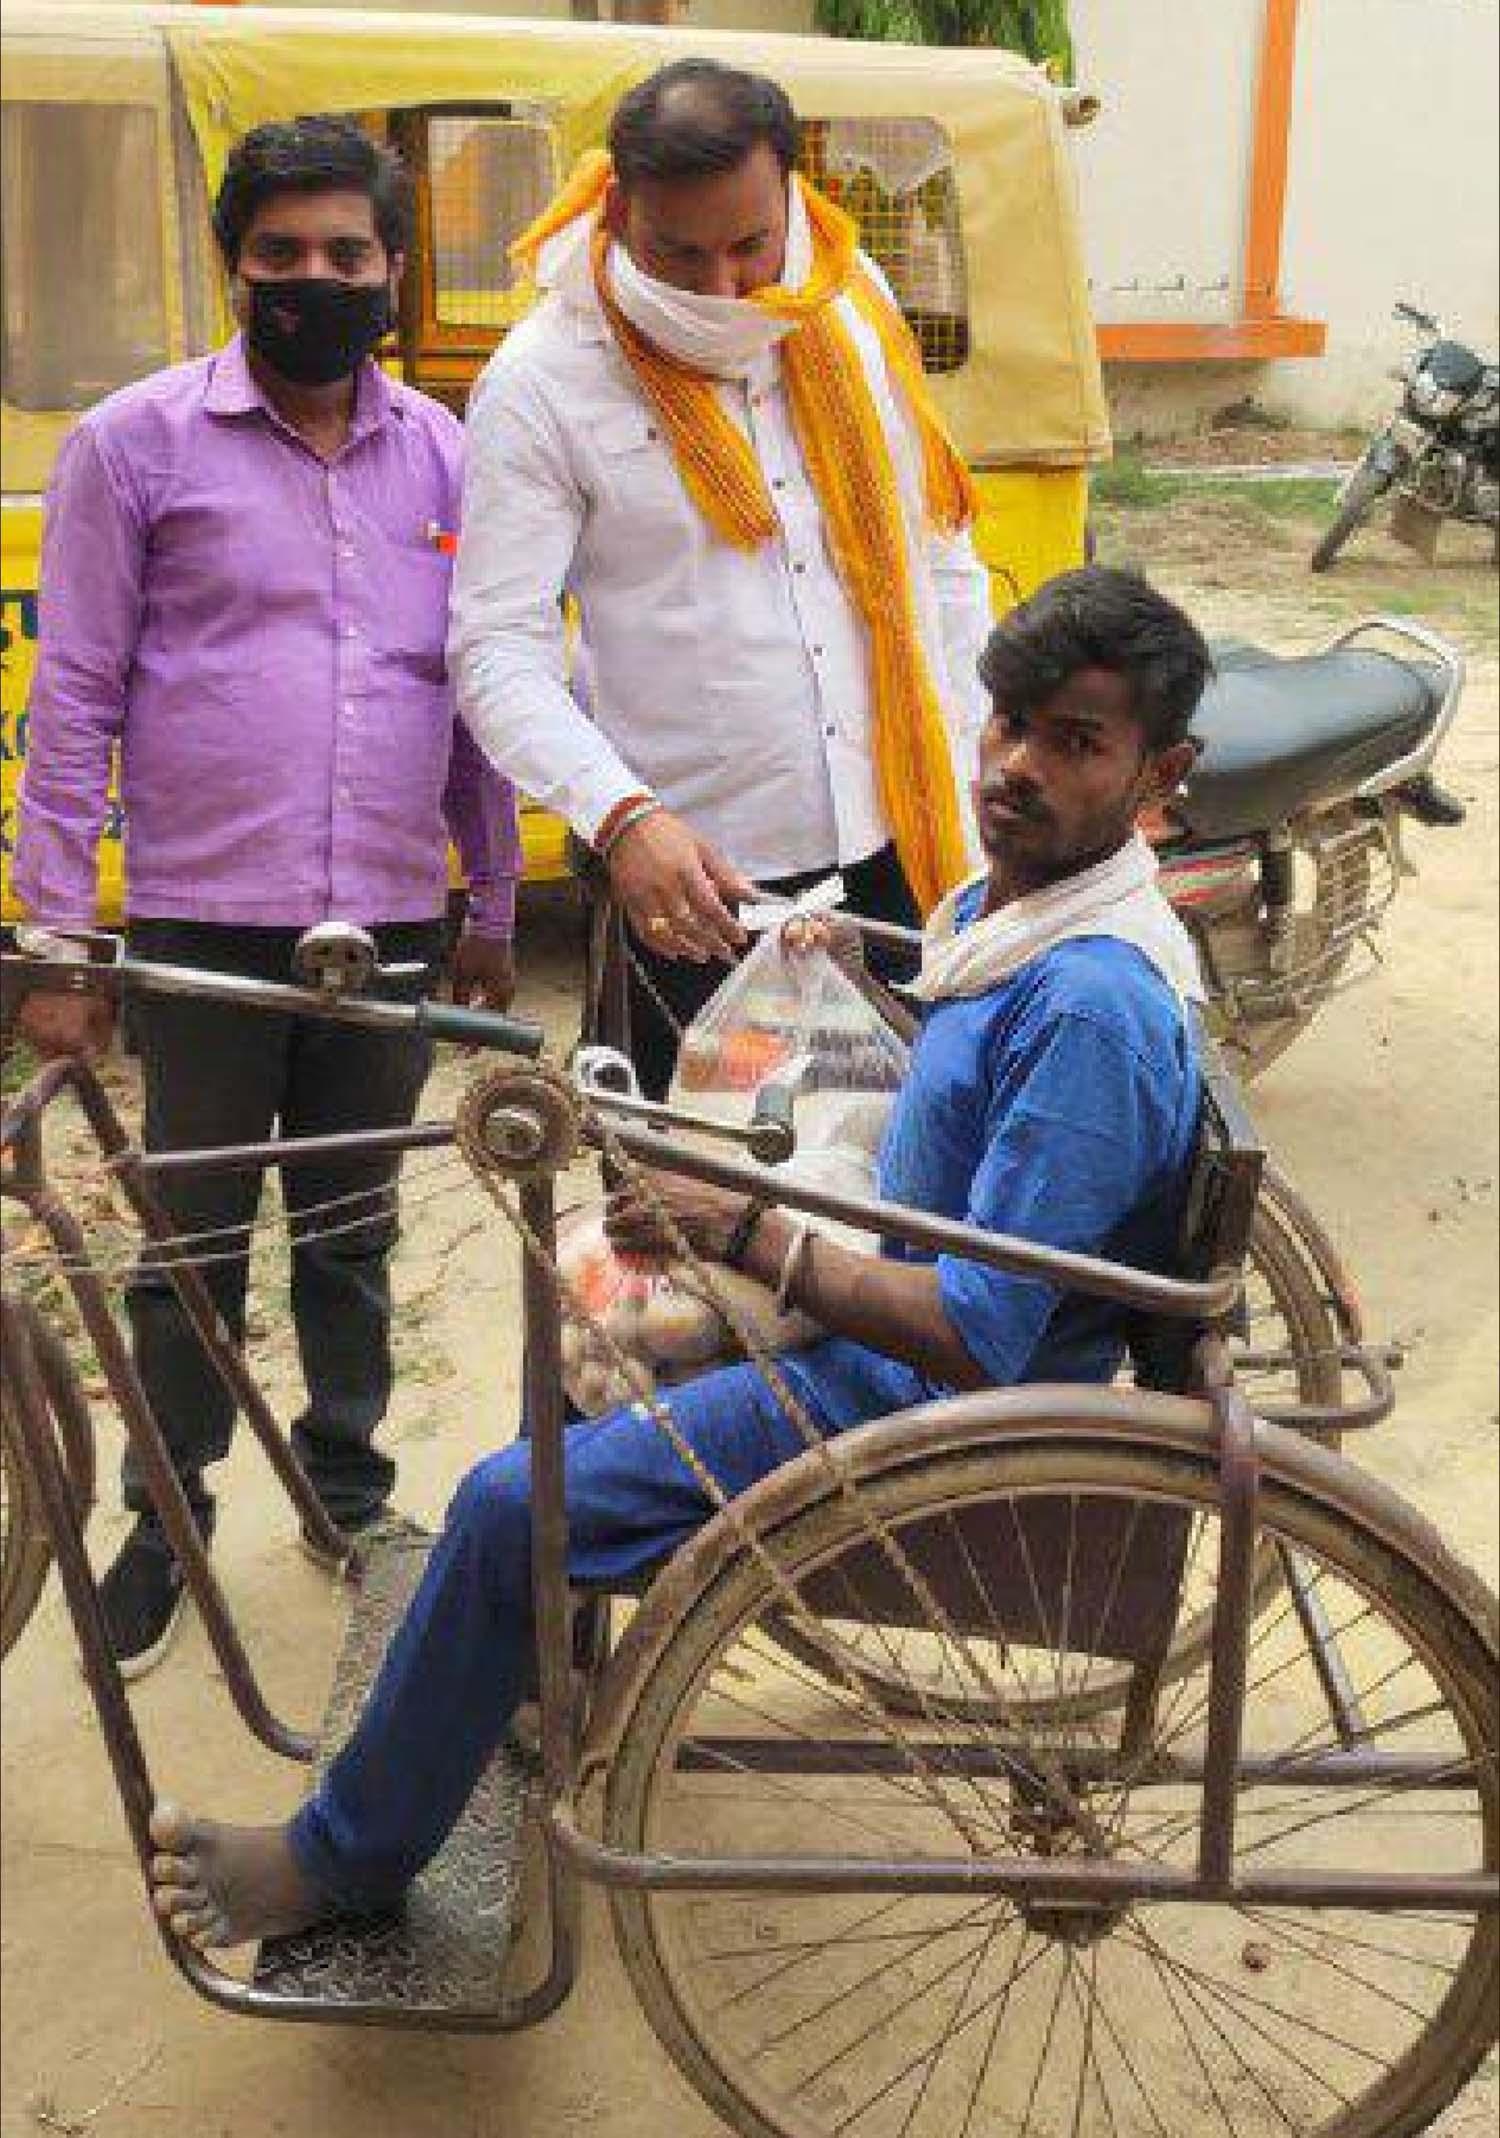 जौनपुर। श्रीनिवास बालिका इण्टर कालेज परिवार गद्दीपुर कजगांव द्वारा घर-घर जाकर जरूरतमन्दों को राहत पहुंचाने का सेवा कार्य निरन्तर जारी है। गत दिवस  विद्यालय की प्रबन्धक चन्द्रा मिश्रा द्वारा शुरू किया गया यह नेक कार्य विद्यालय के संचालक संतोष मिश्र सुग्गू द्वारा लगातार चलाया जा रहा है। गुरूवार को सेवा कार्य में लगे श्री मिश्र ने बताया कि अपने विद्यालय परिवार के साथ वह अपने स्कूल में पढ़ने वाले बच्चों के परिजनों सहित अन्य जरूरतमन्दों को राशन कीट दिया गया। इस दौरान असहाय, लाचार, दिव्यांग आदि पर विशेष ध्यान दिया जा रहा है। श्री मिश्र ने बताया कि विद्यालय परिवार द्वारा इस तरह का सेवा कार्य निरन्तर चलेगा। जेठपुरा, कजगांव बाजार, दूल्हेपुर, सादात मसौड़ा सहित अन्य गांवों में जाकर विद्यालय परिवार ने जरूरतमन्दों की सेवा किया। इस अवसर पर संतोष मिश्र के साथ विनोद यादव, दयाशंकर चौबे, दिनेश मौर्या सहित अन्य लोग सोशल डिस्टेंस का पालन करते हुये मौजूद रहे।